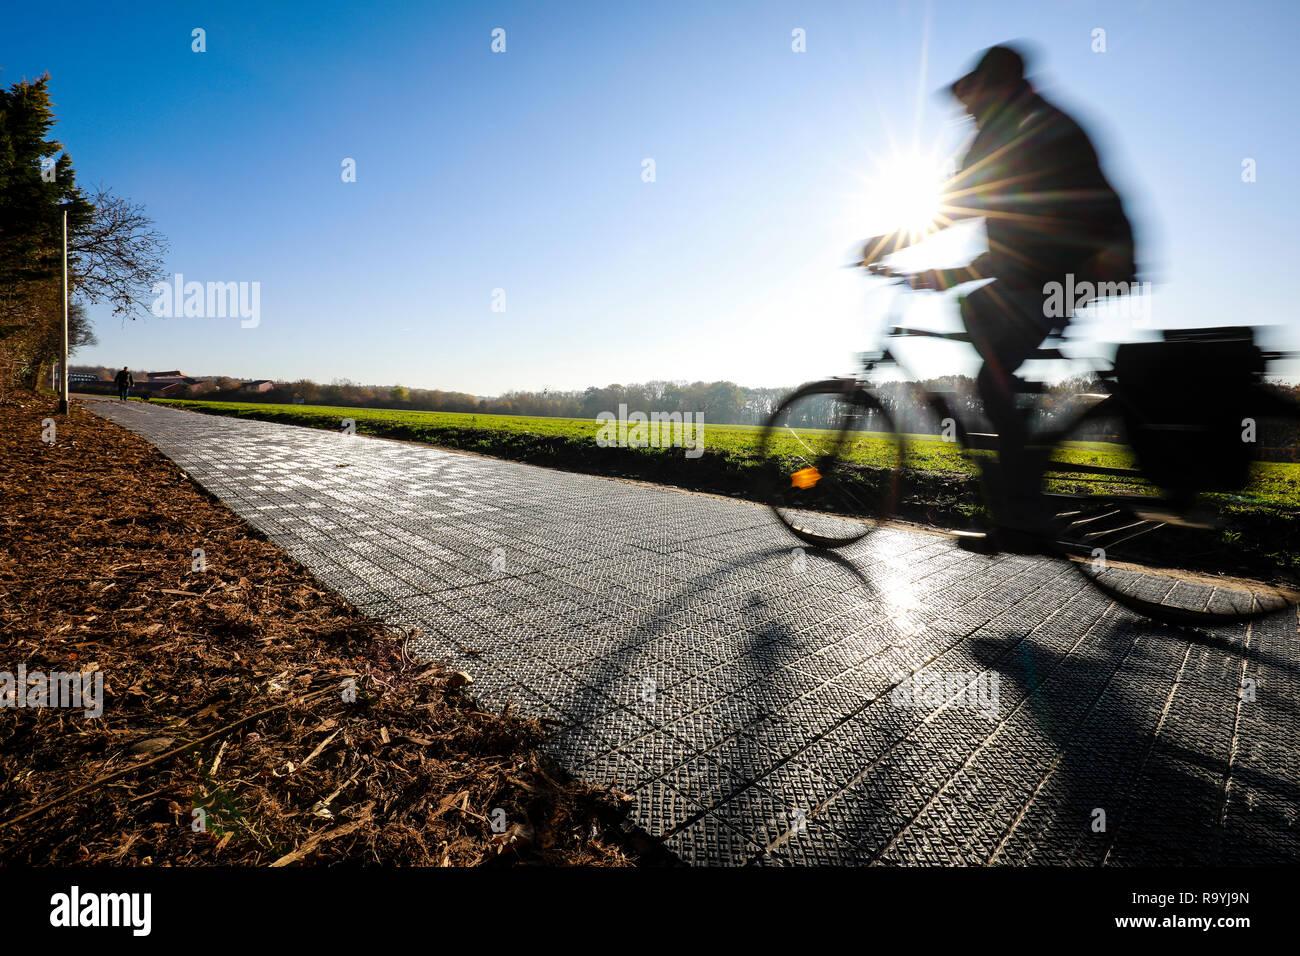 18.11.2018, Erftstadt, Nordrhein-Westfalen, Deutschland - Deutschlands erster Solarenergie-Fahrradweg. Das Potsdamer Start-up Solmove will Strassen zu - Stock Image